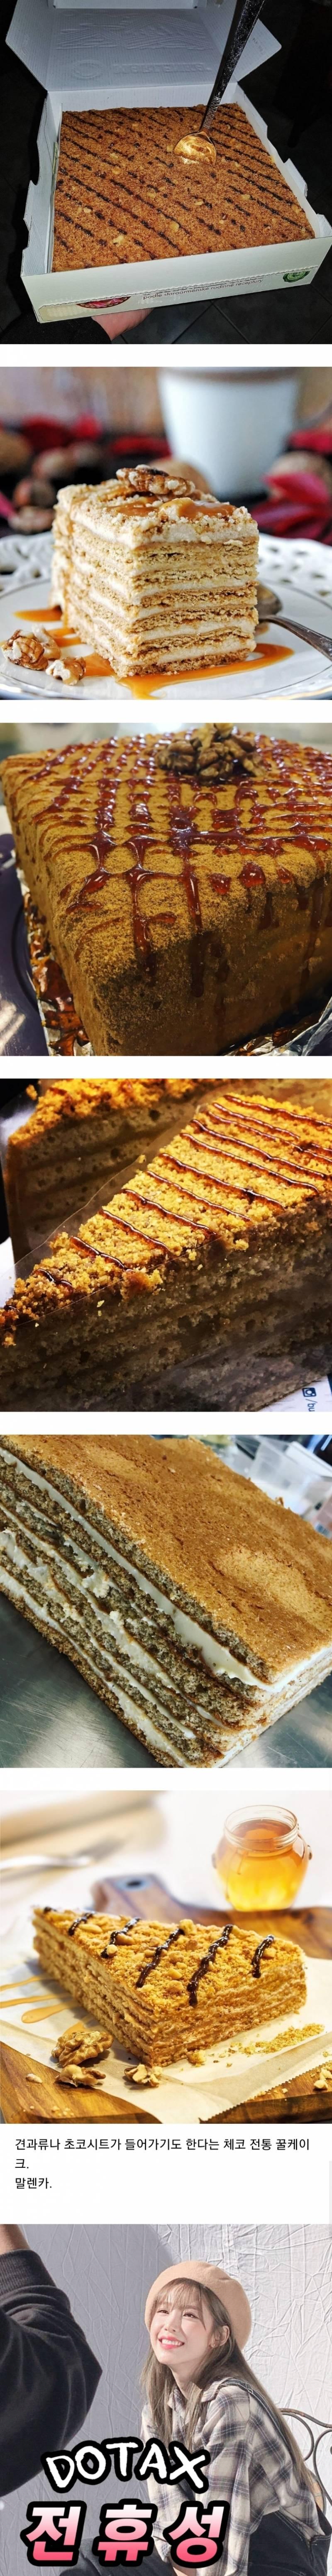 유럽 황실에서 먹던 고급케이크........jpg | 인스티즈